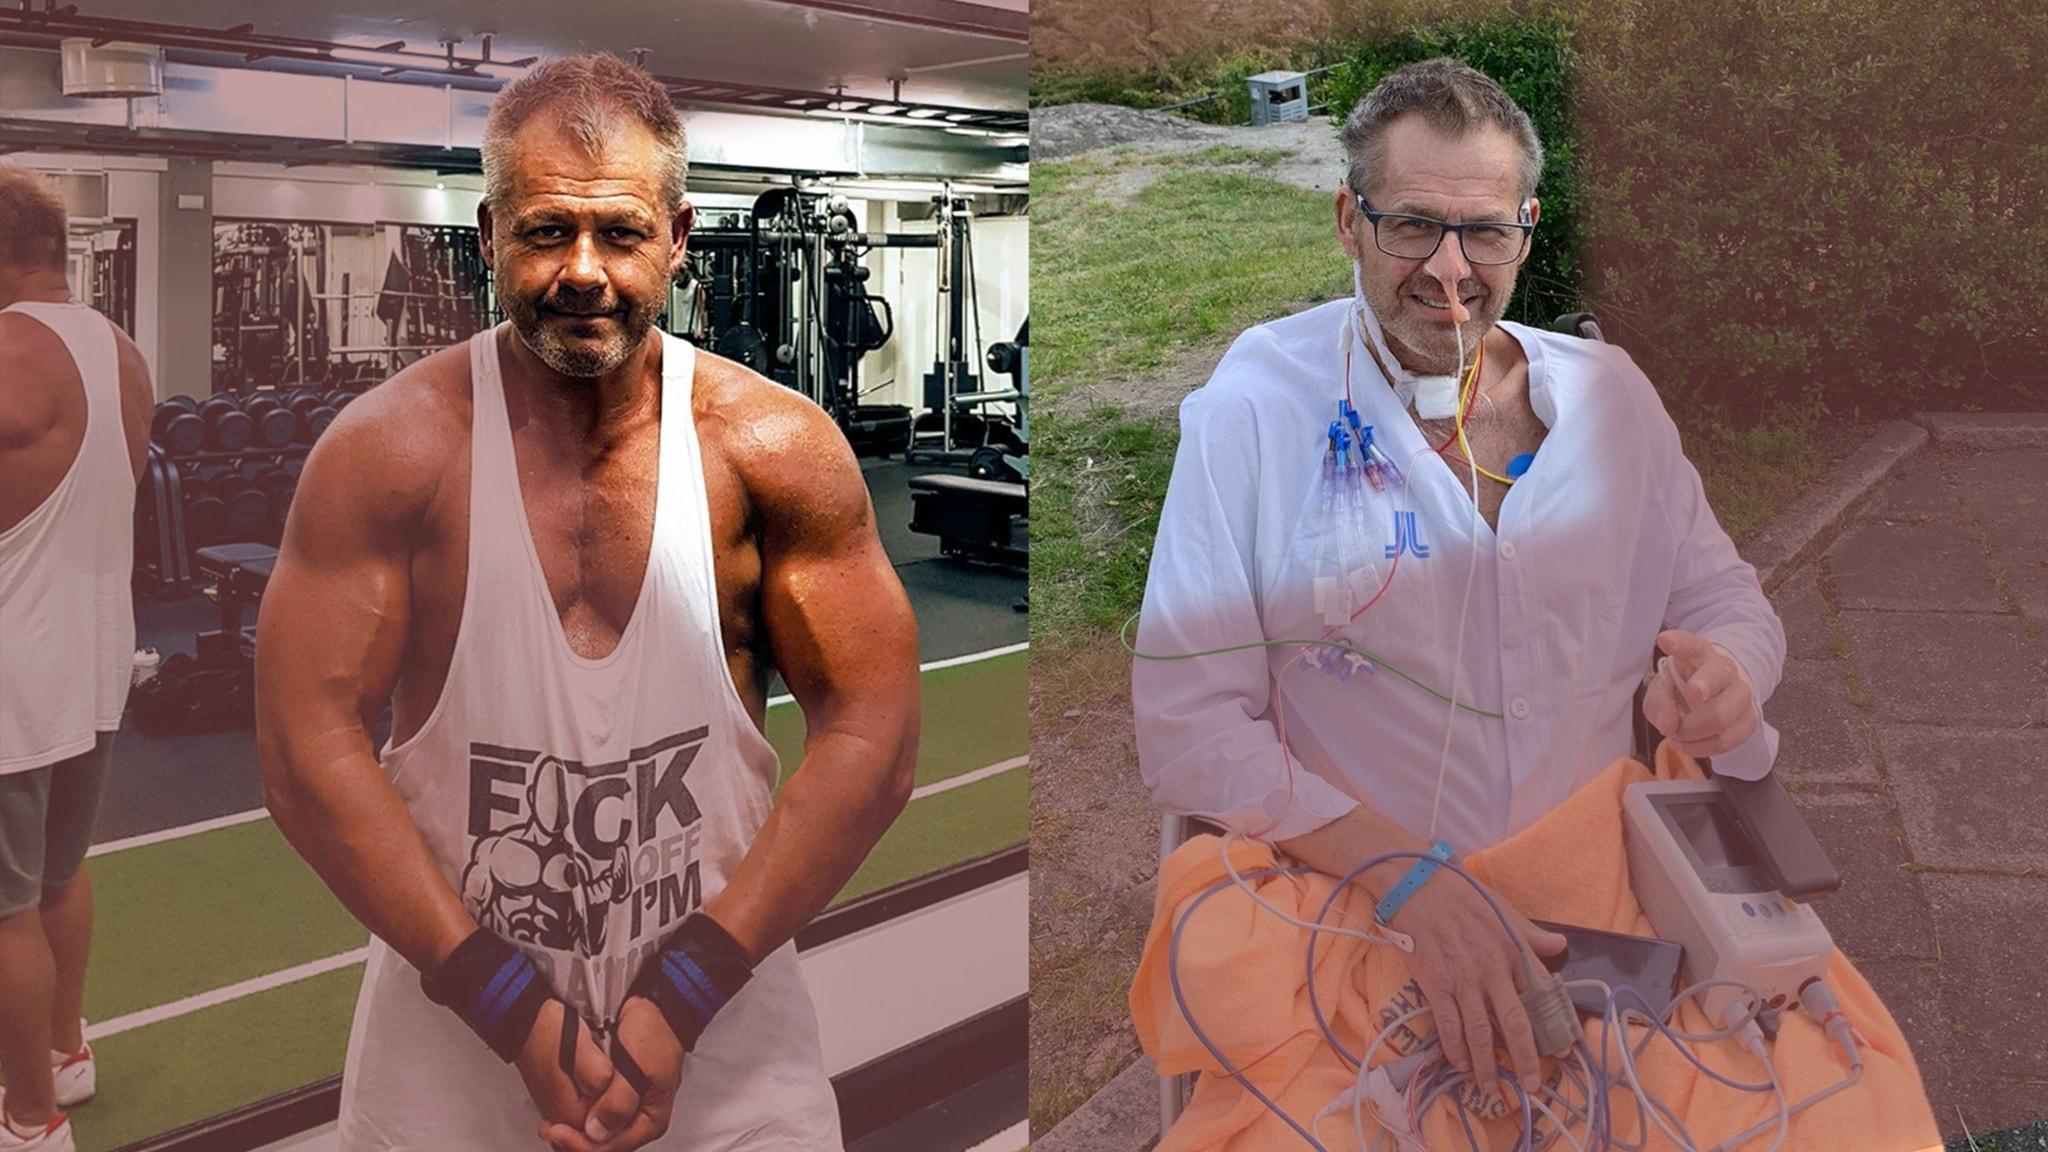 Bilder på Micael Sköldqvist före och efter Covid-19. Som kroppsbyggare och sen i rullstol.